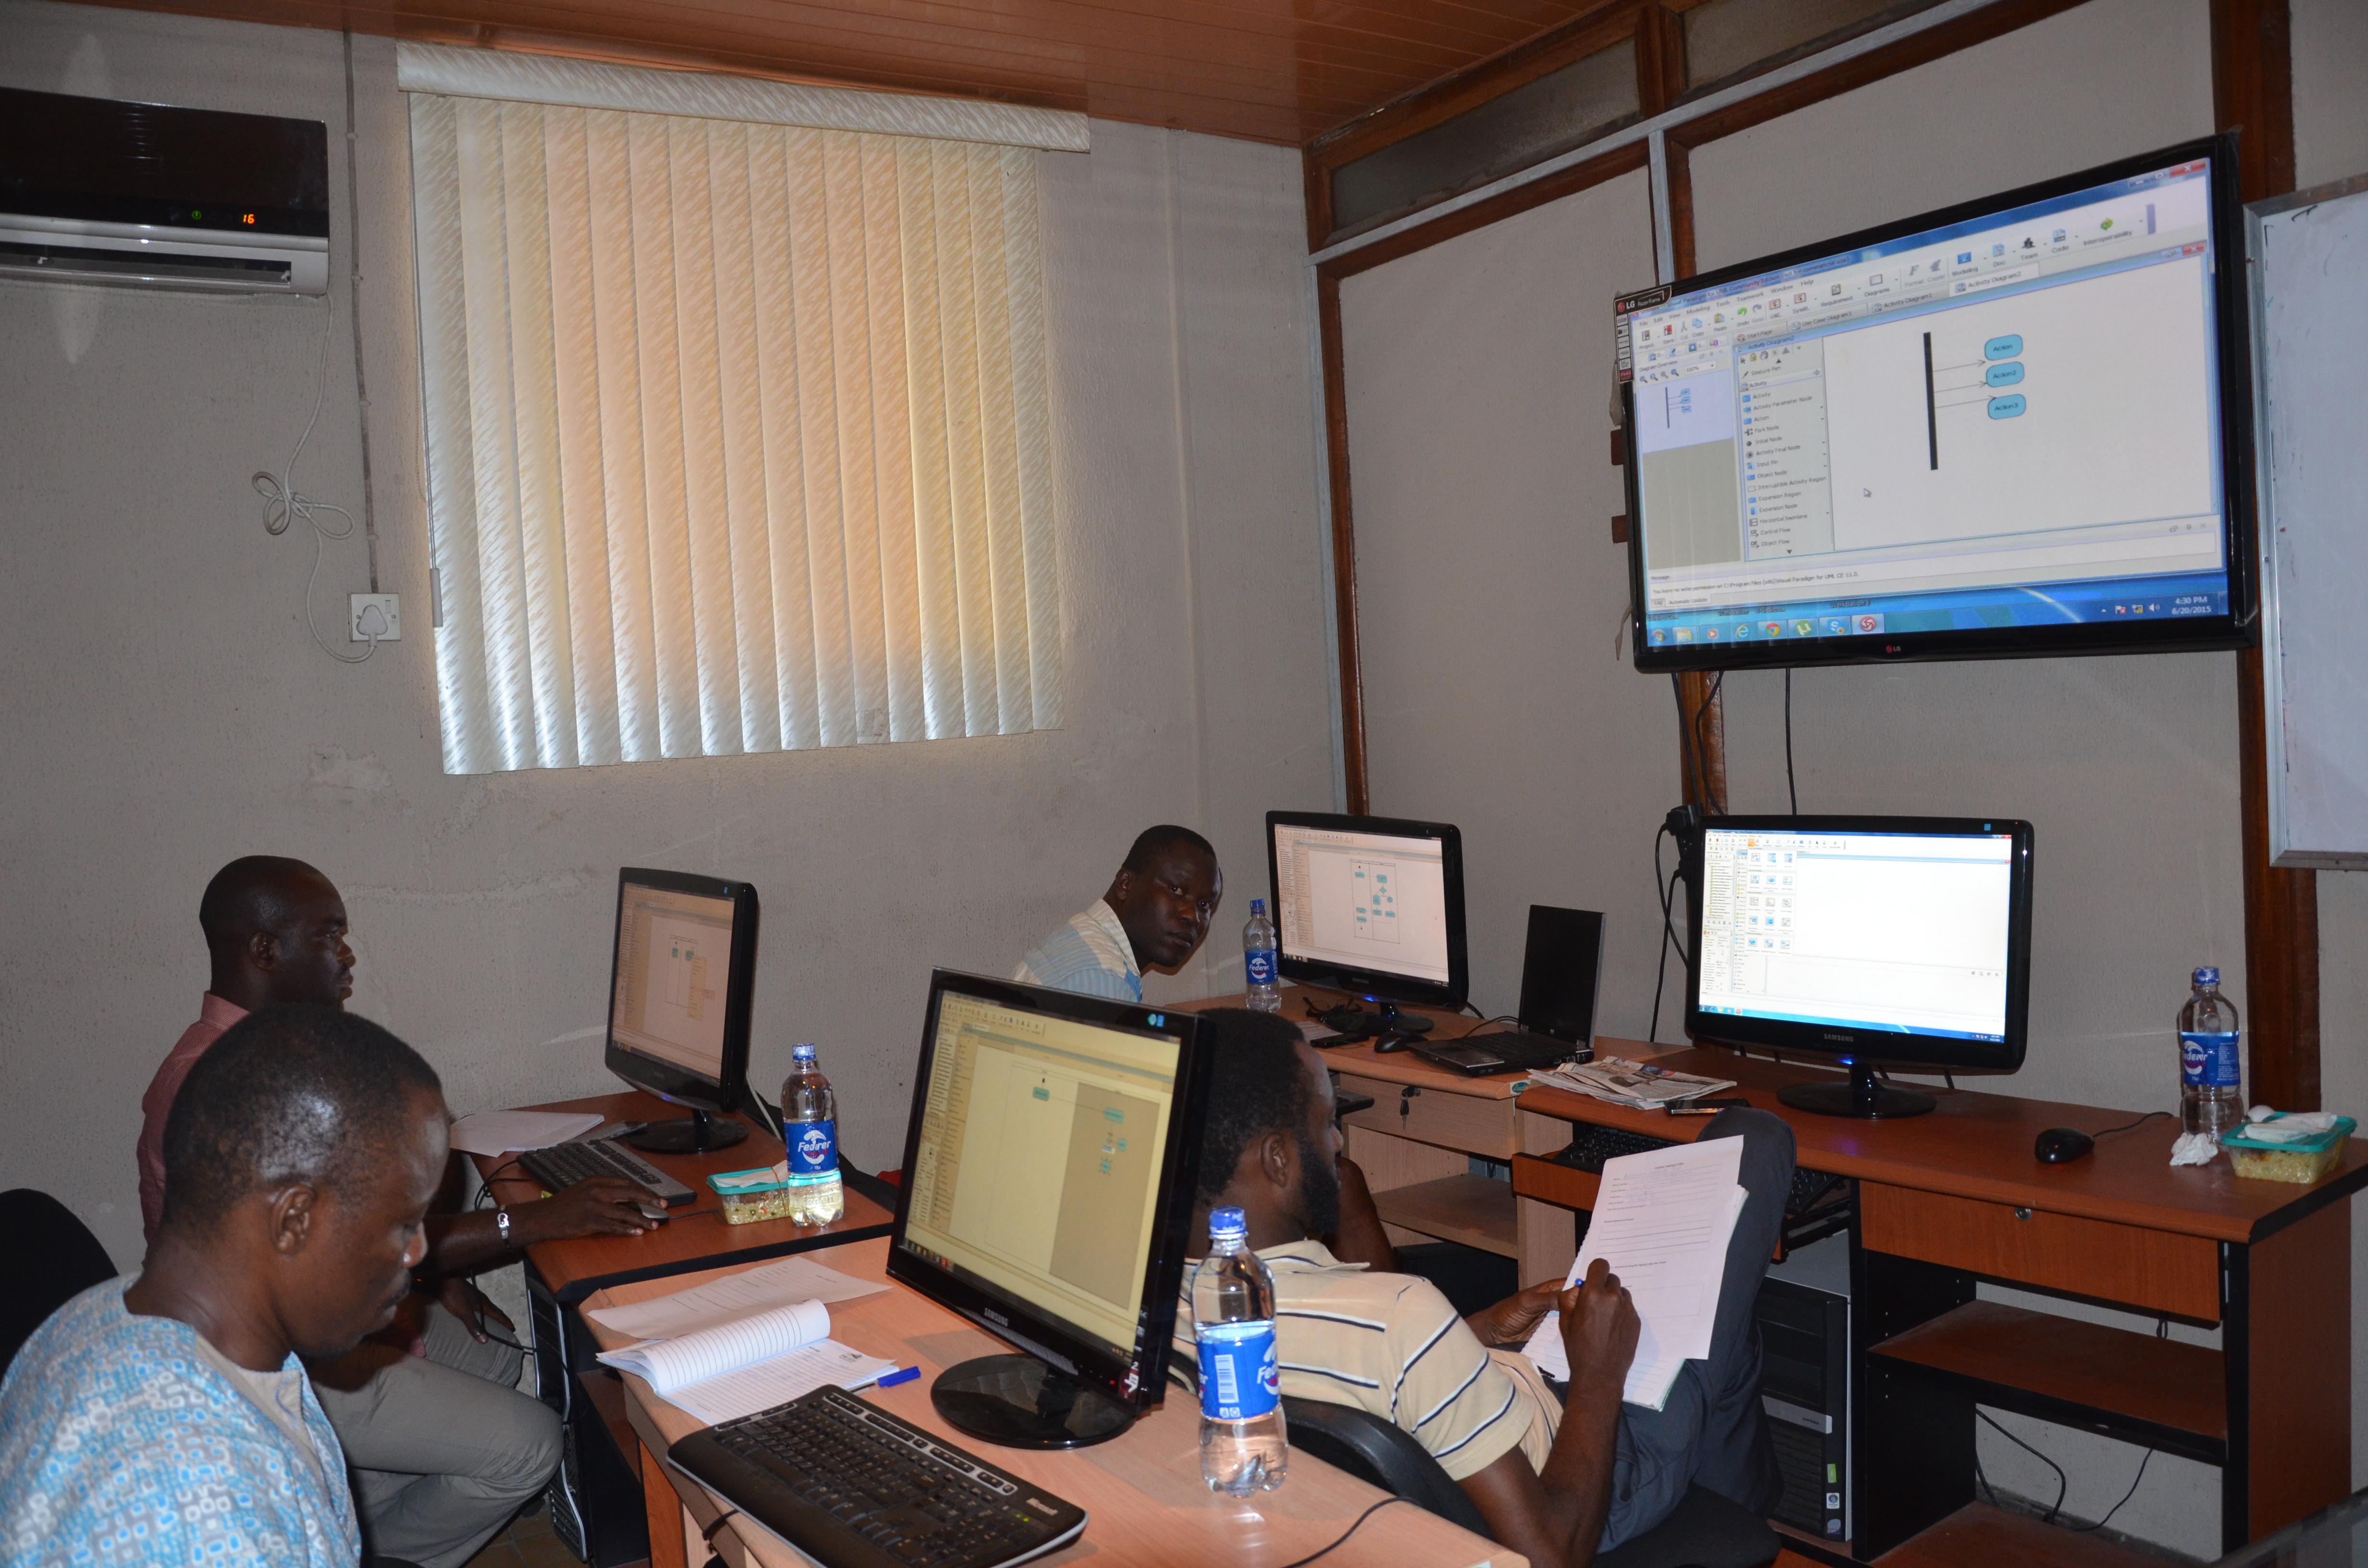 business analyst interview questions deloitte professional business analyst interview questions deloitte what can i expect in a business analyst job interview business